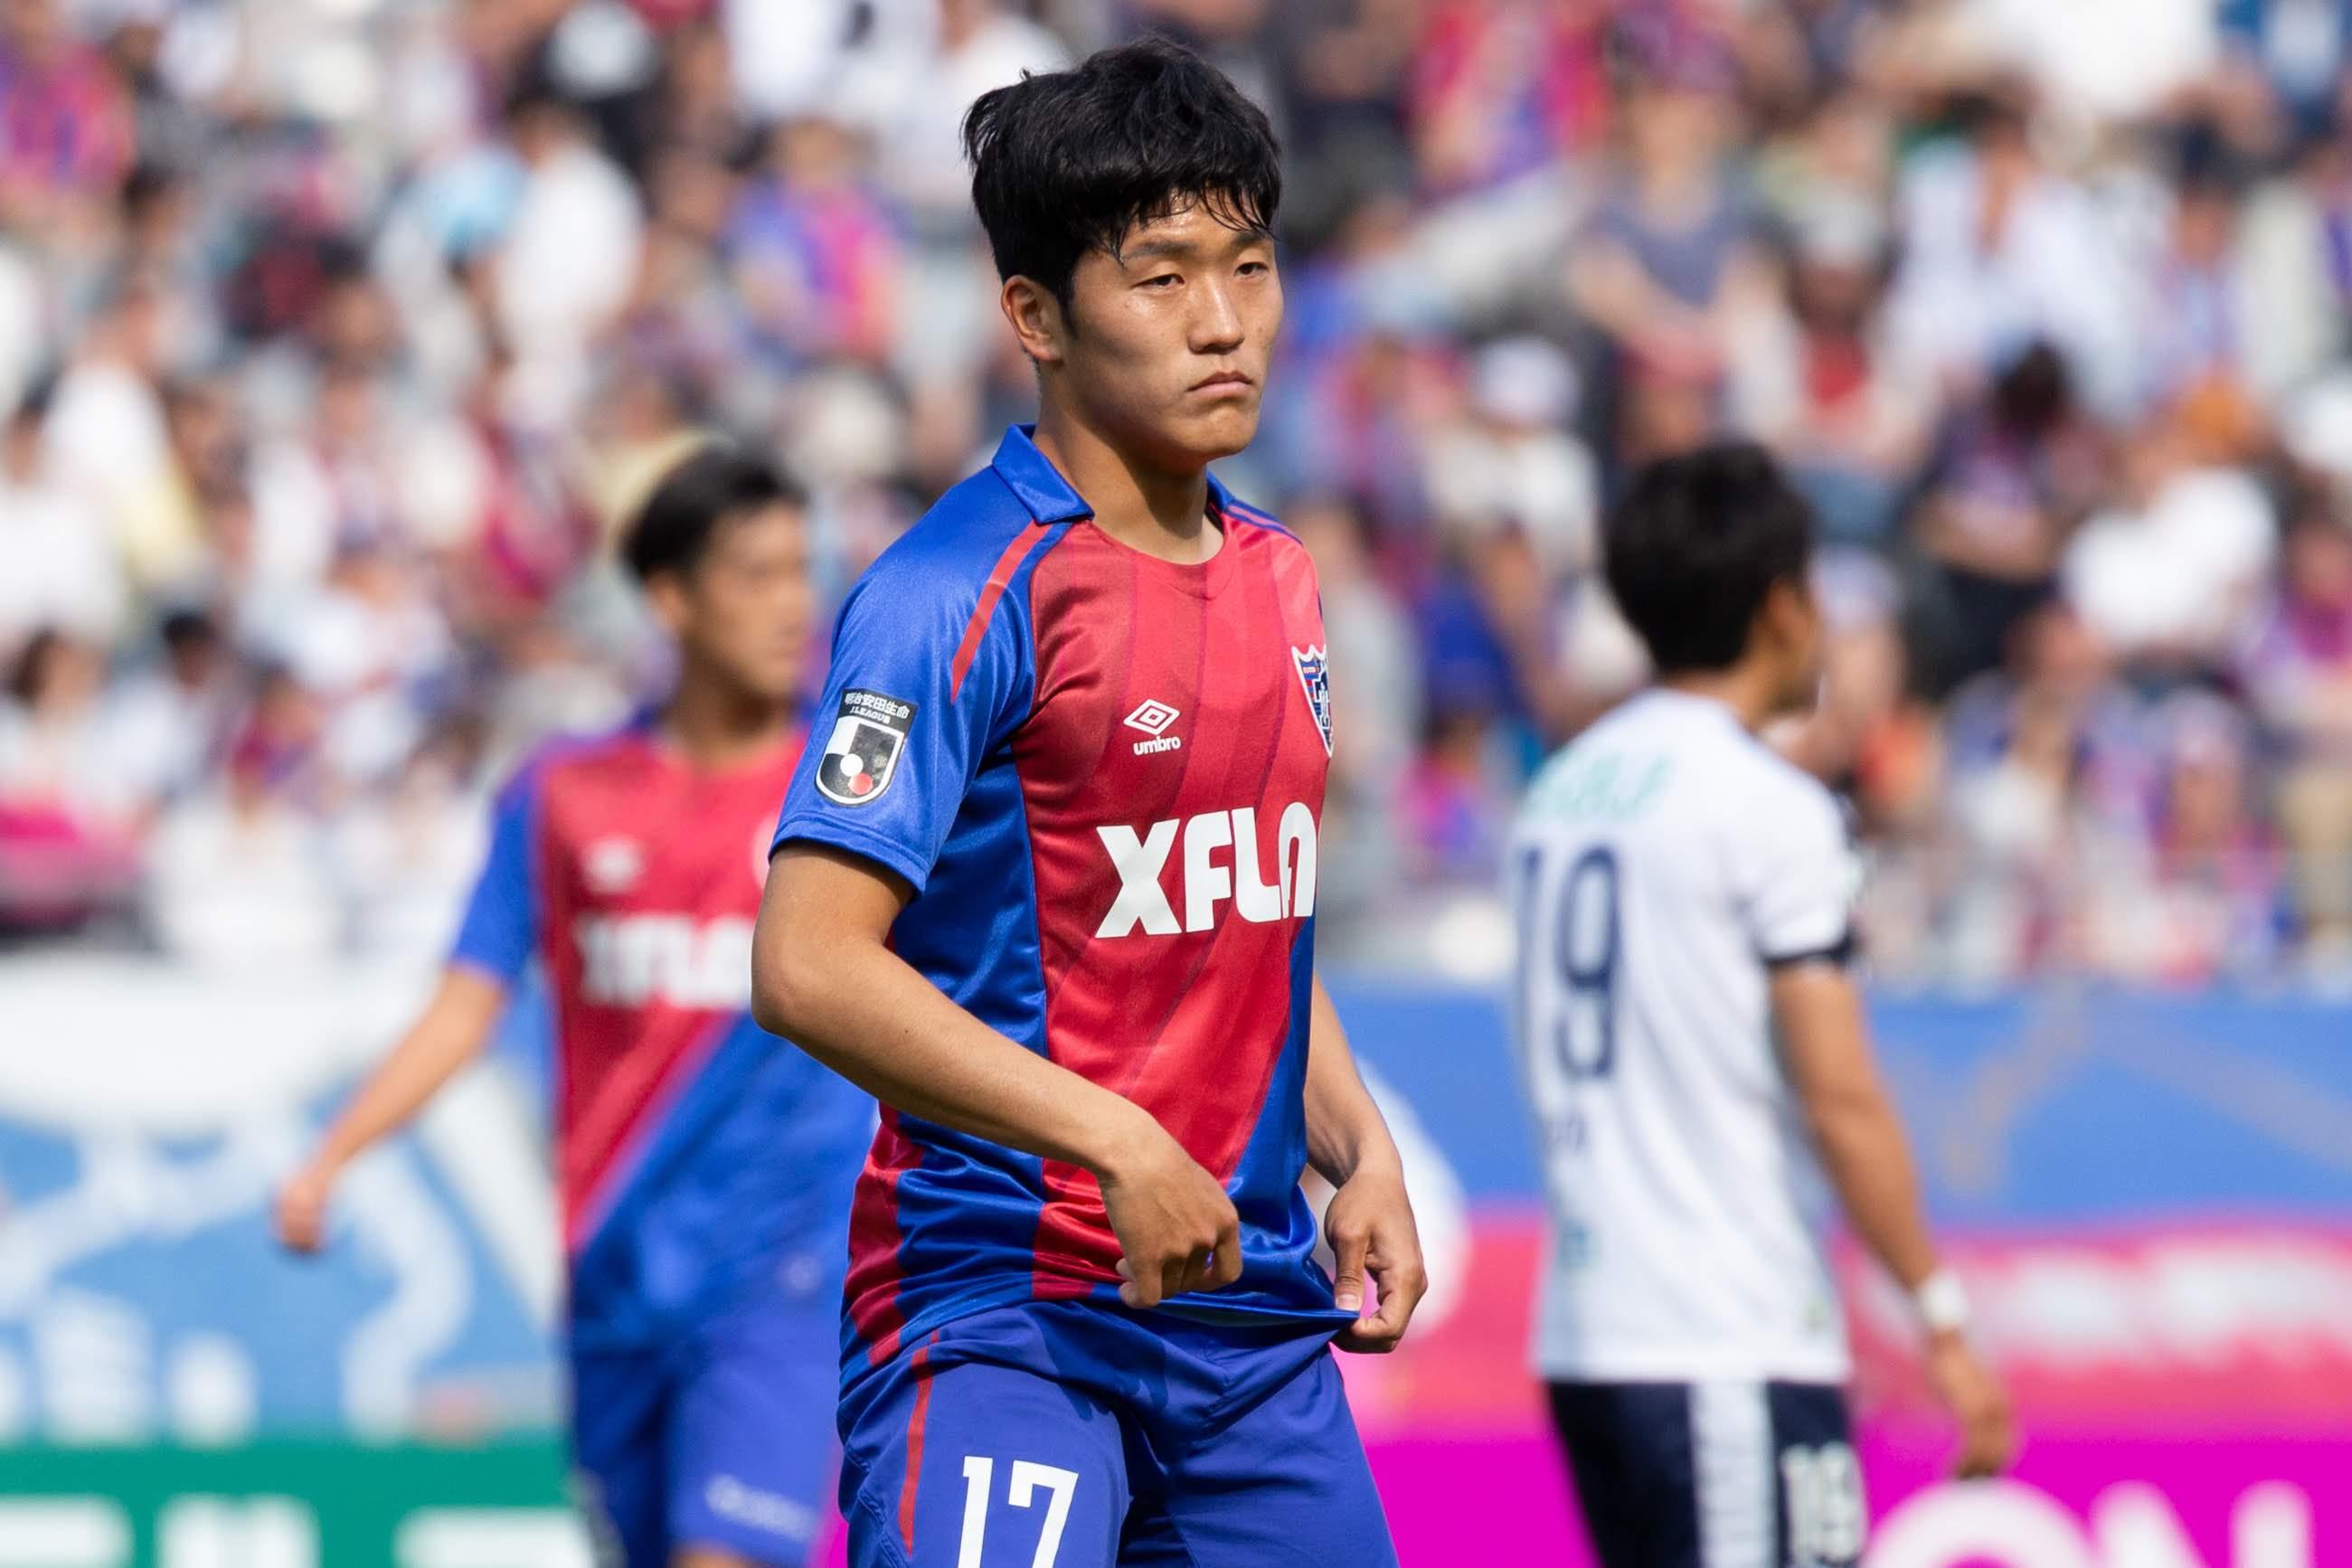 【移籍情報】FC東京MFナ・サンホが城南に期限付き移籍「成長して戻ってきます」